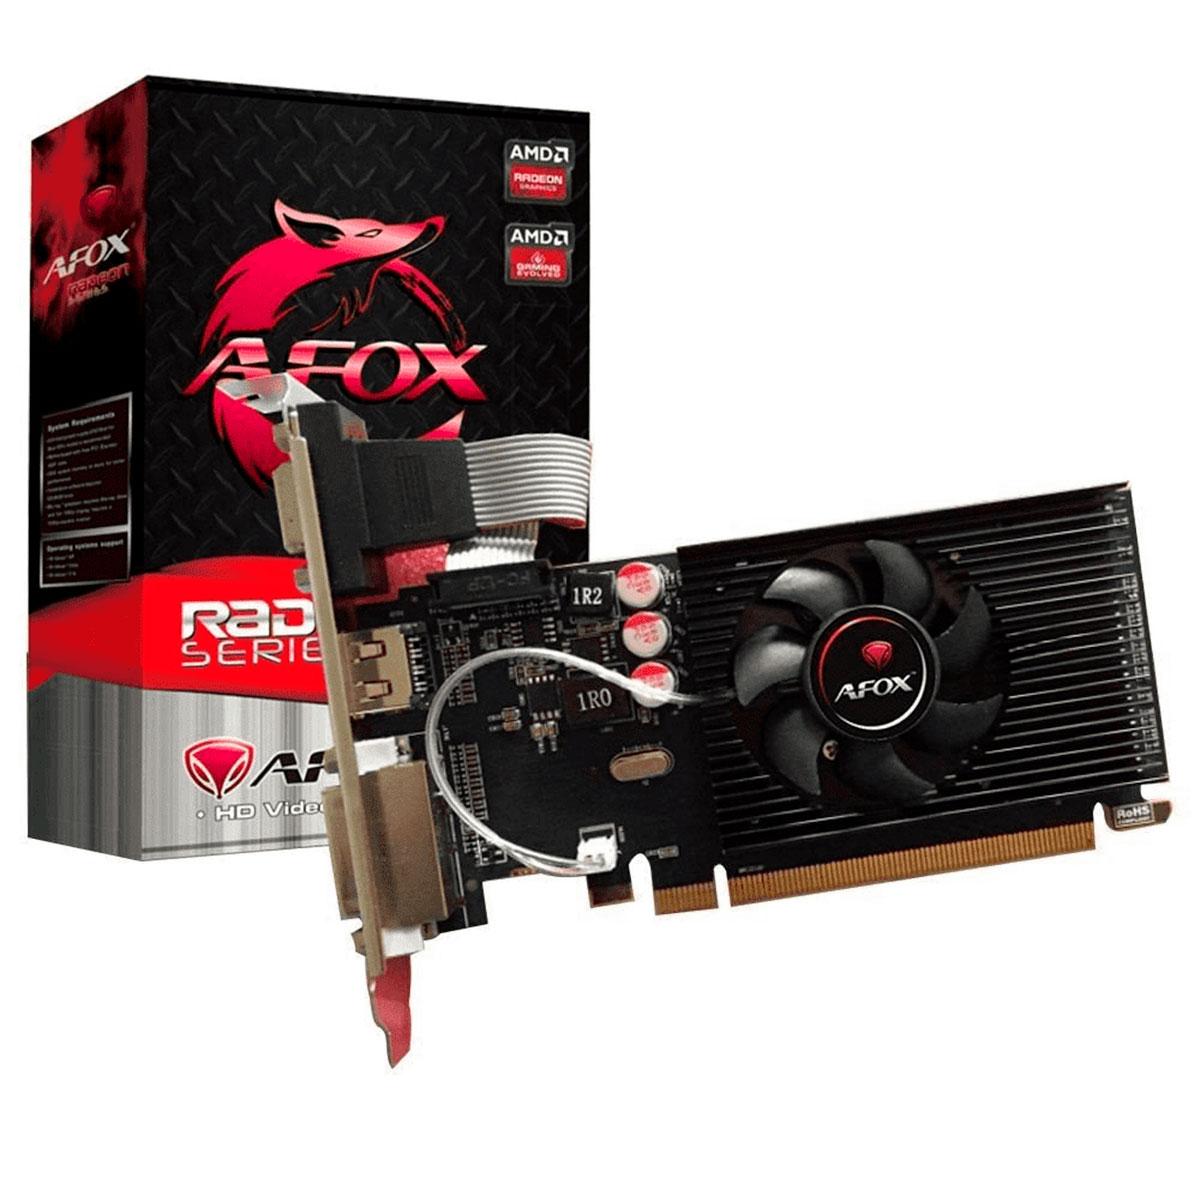 Placa de Vídeo Afox Radeon R5 230 1GB DDR3 64 Bits - HDMI - DVI - VGA - AFR5230-1024D3L5